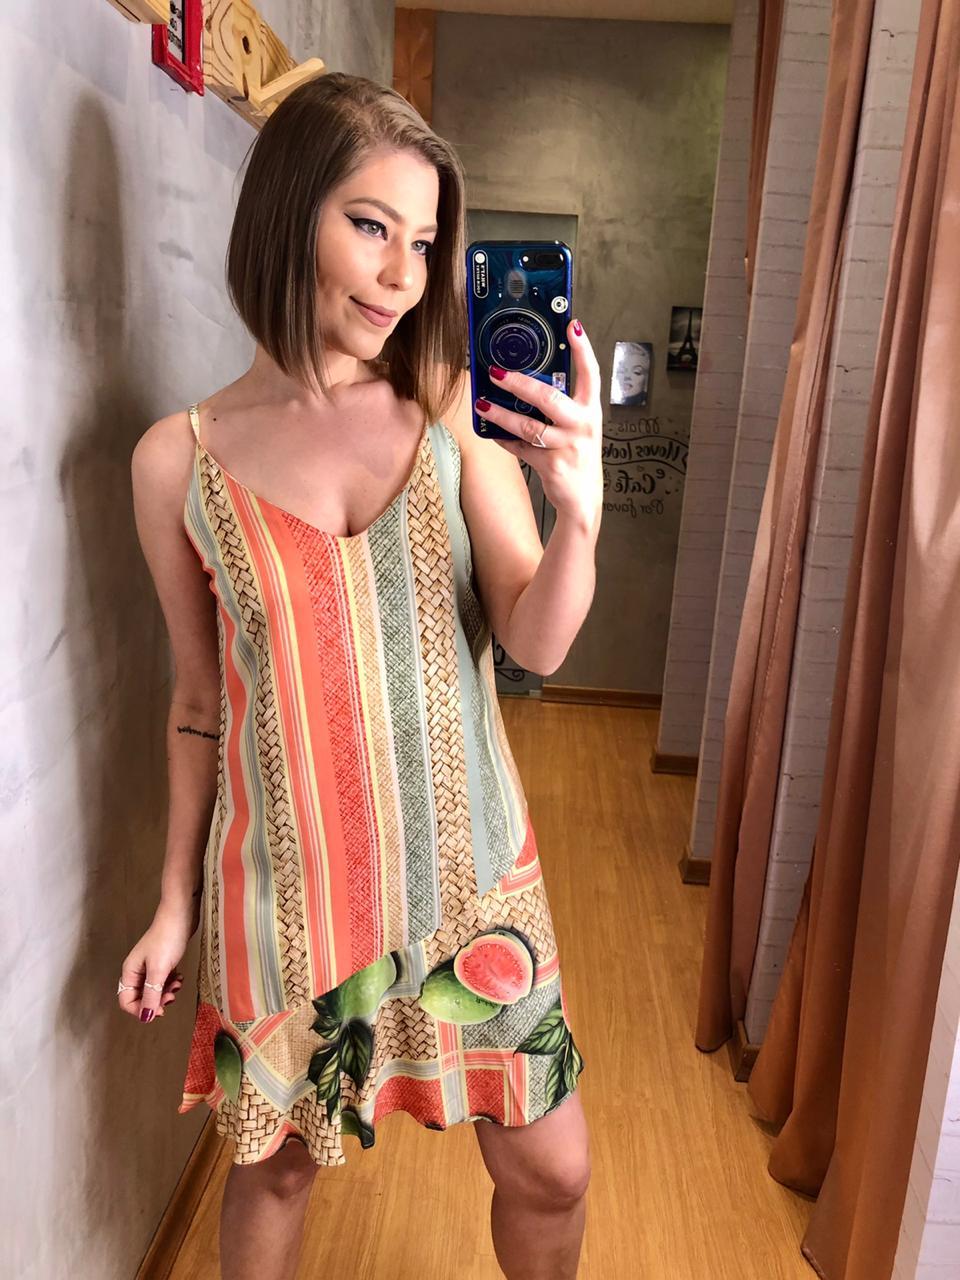 Vestido flor de lis curto est coral cestaria